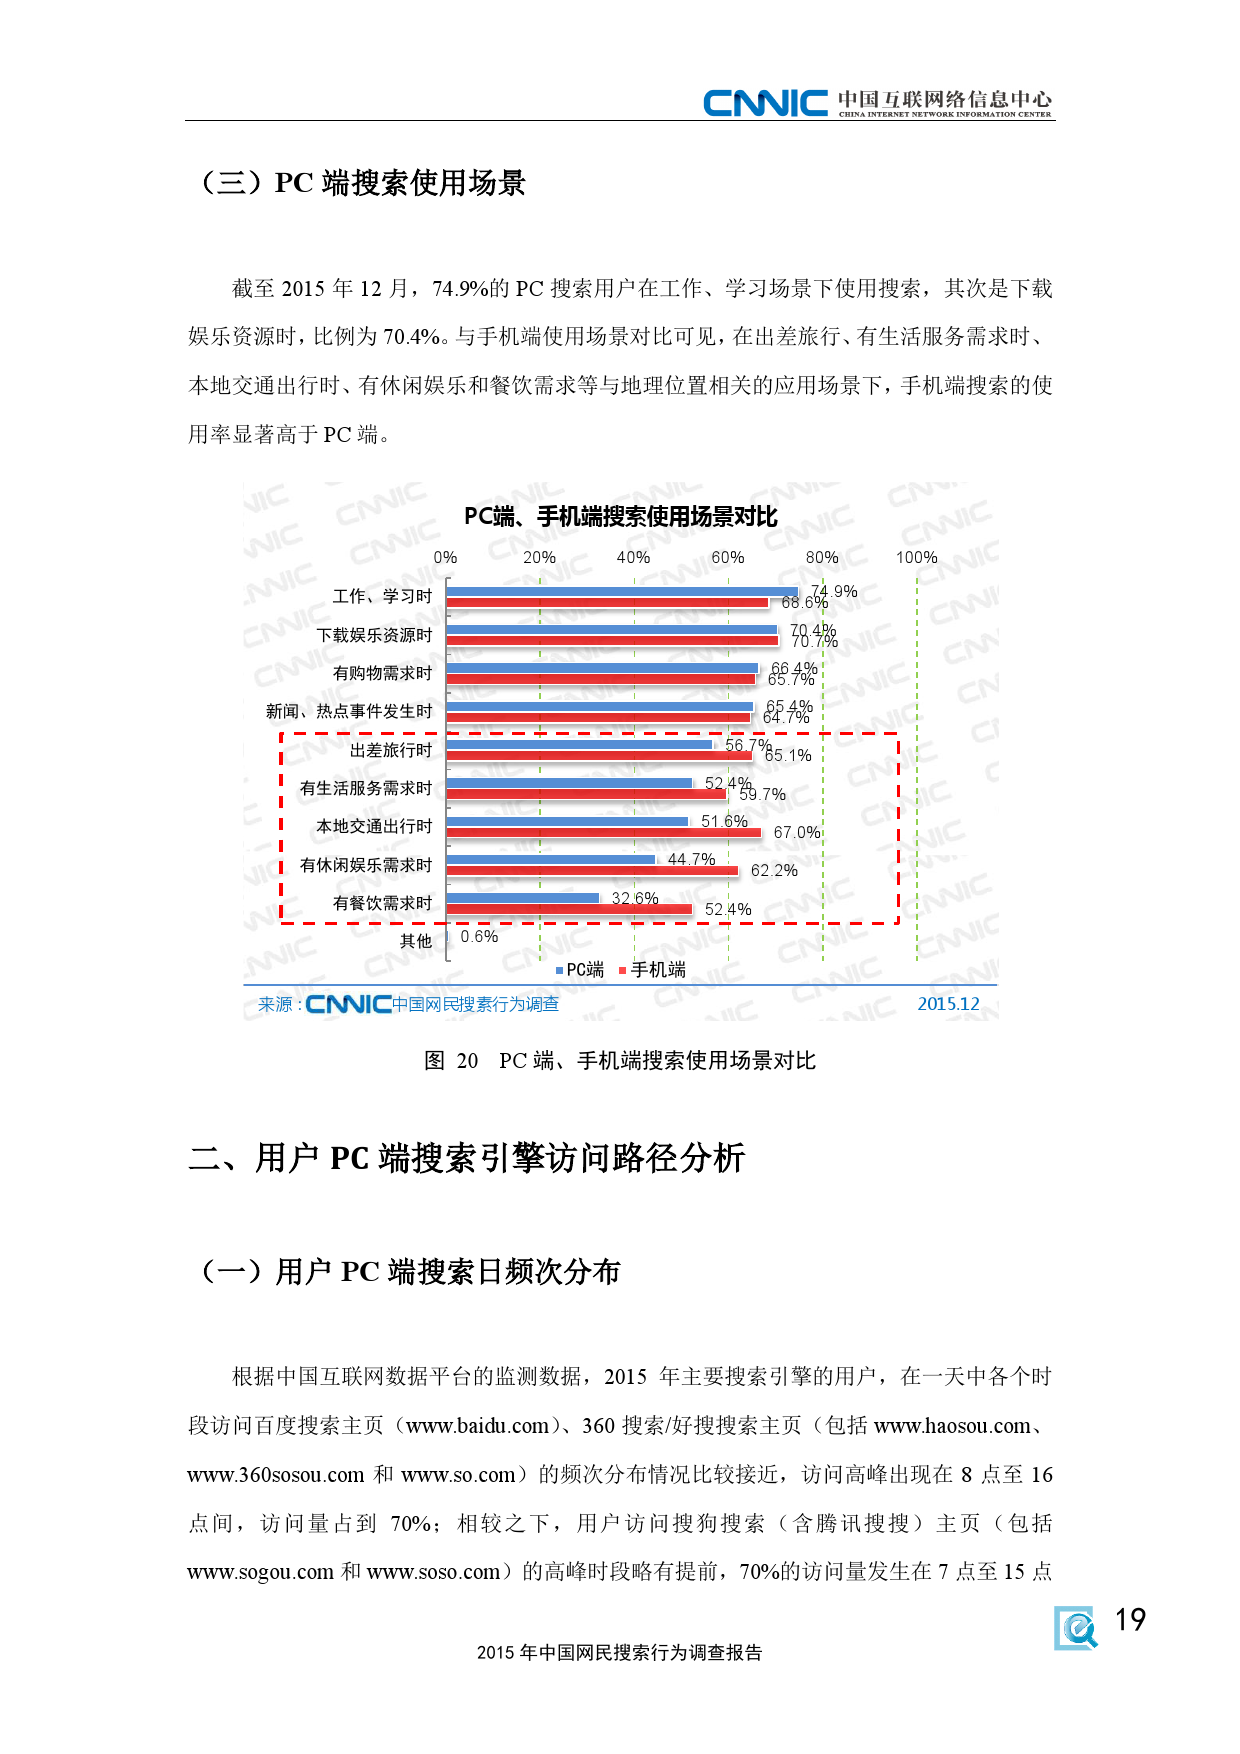 CNNIC:2015年中国网民搜索行为调查_000027